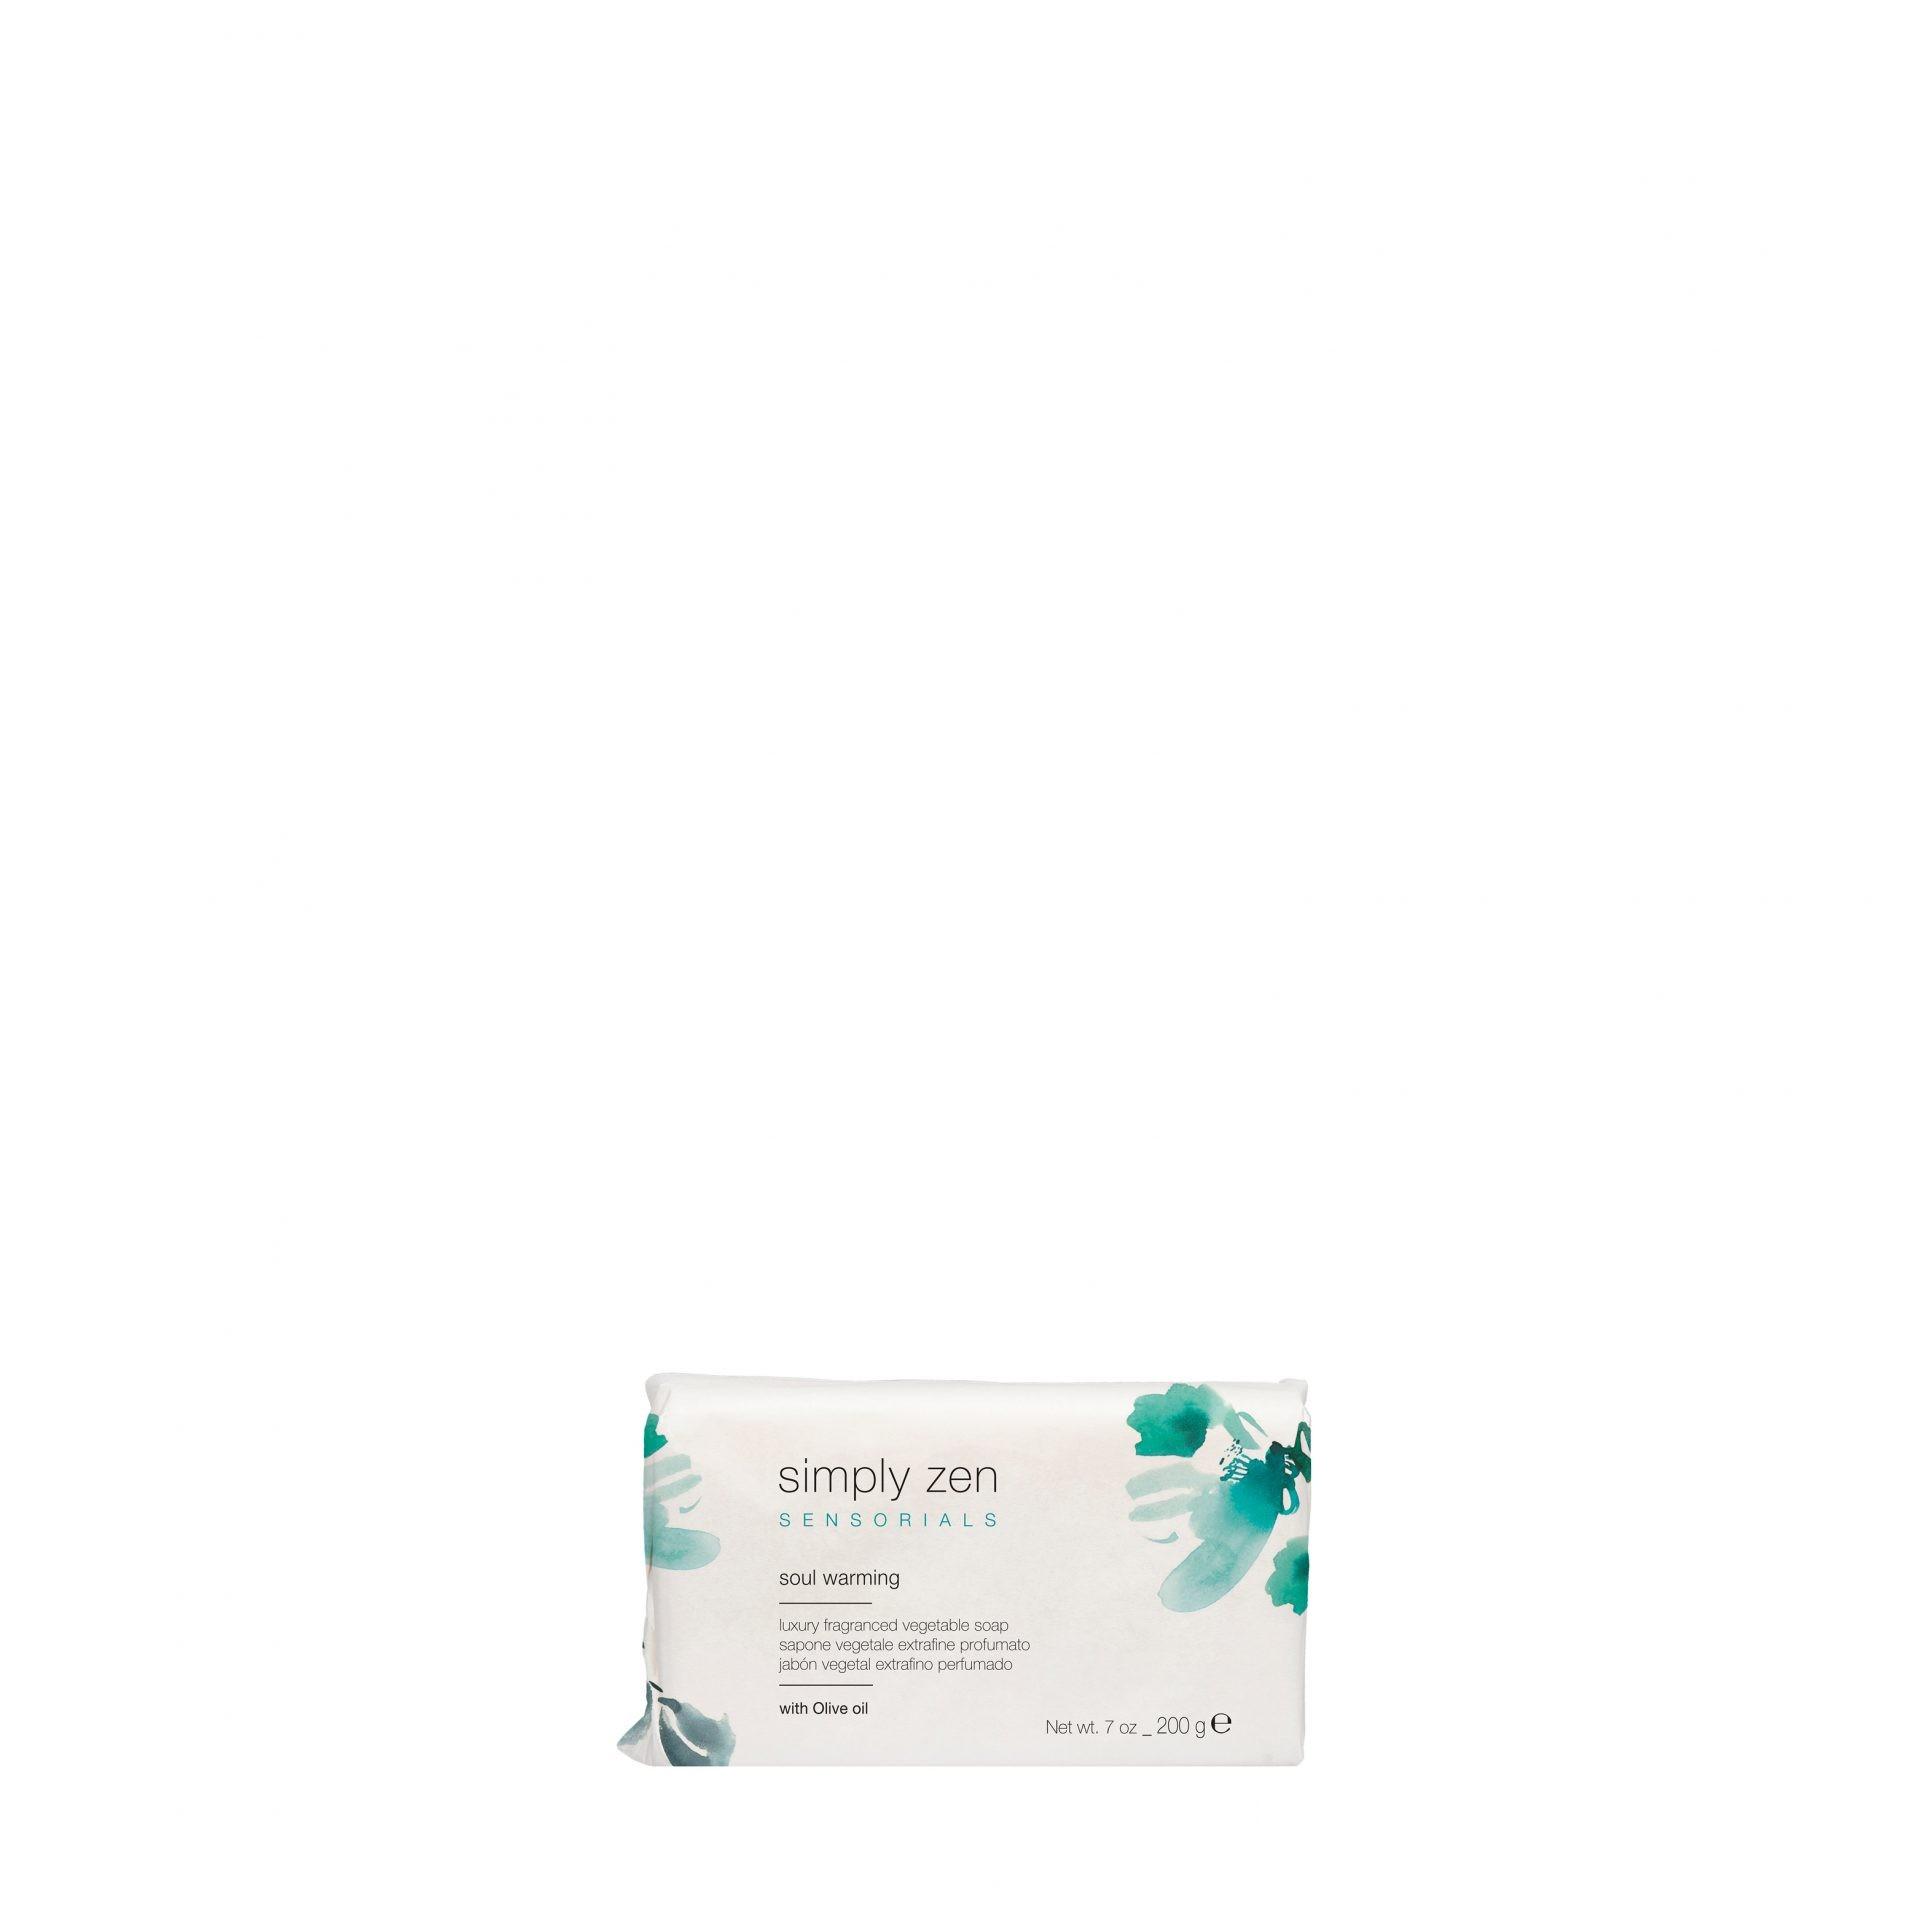 67 IMG SZ singole prodotti 1500x1500px 72 DPI soul warming soap